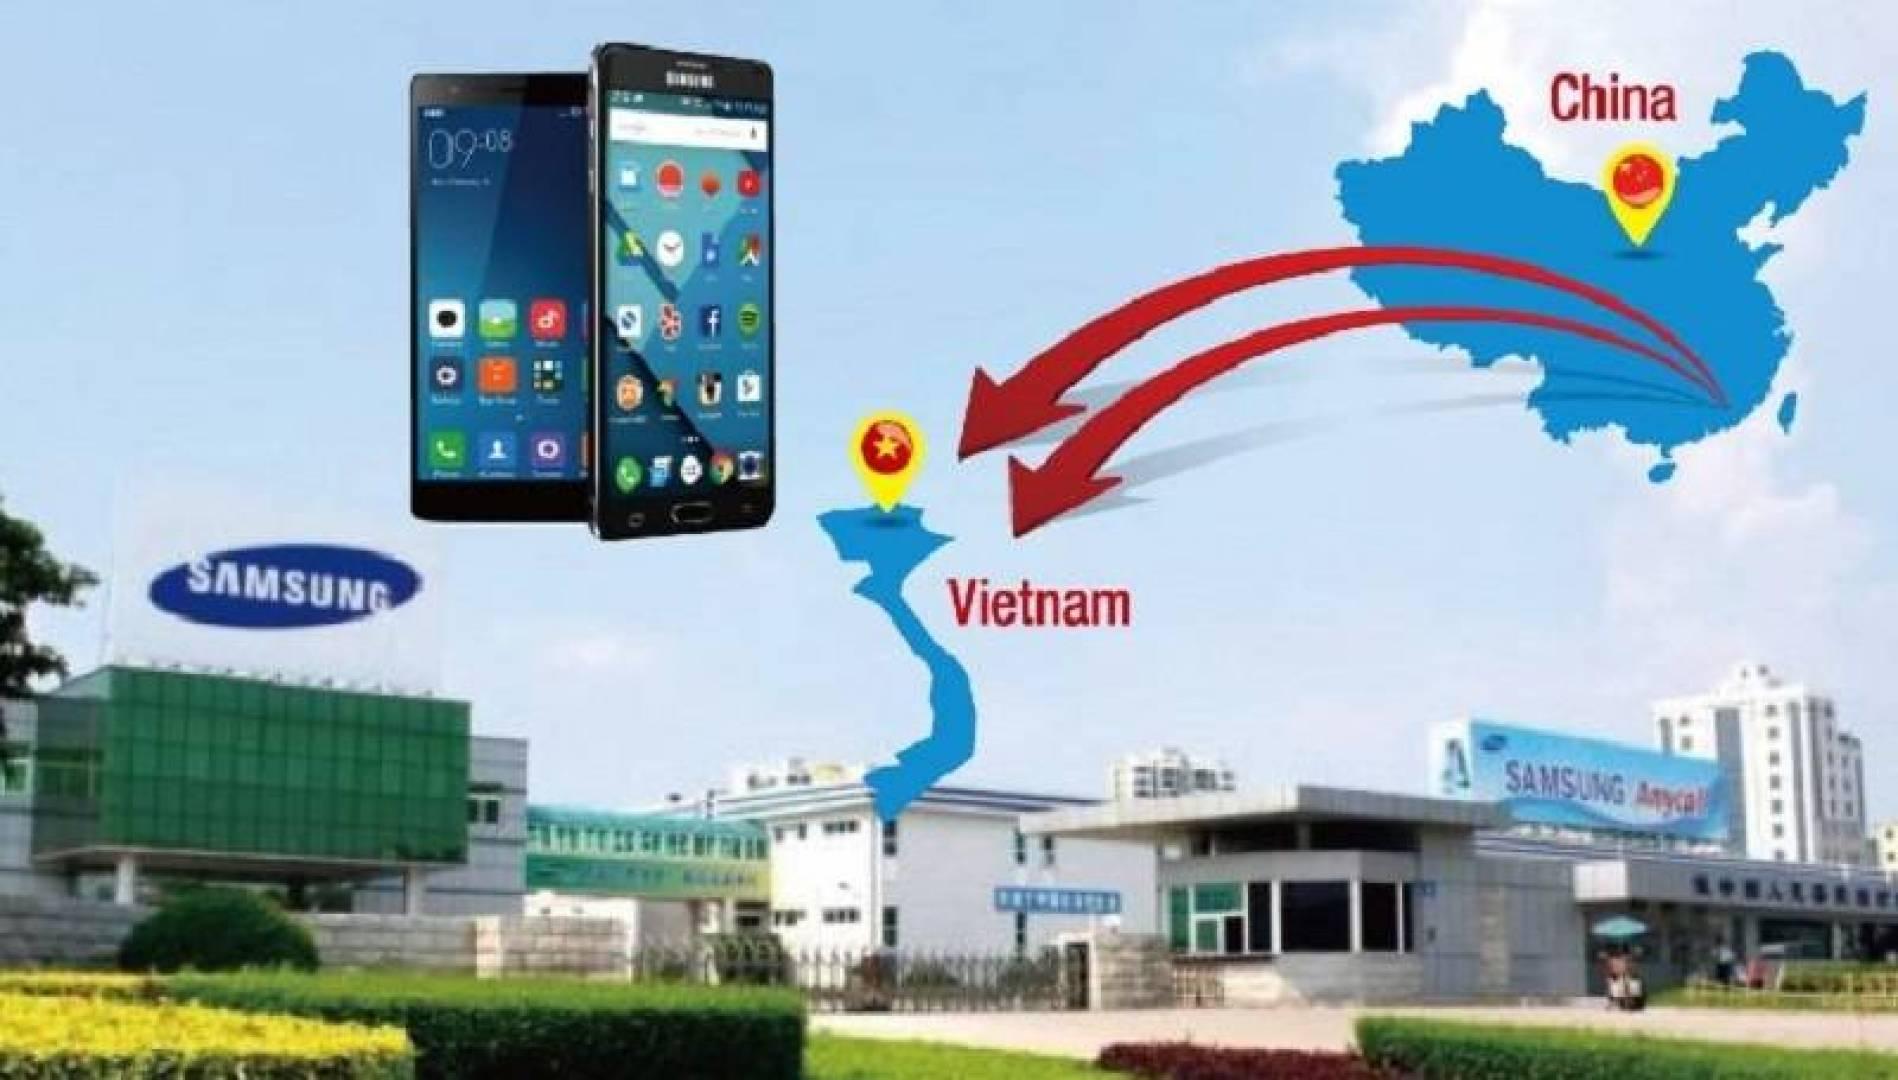 «سامسونغ» تنقل مكونات هواتفها من الصين لفيتنام بسبب كورونا